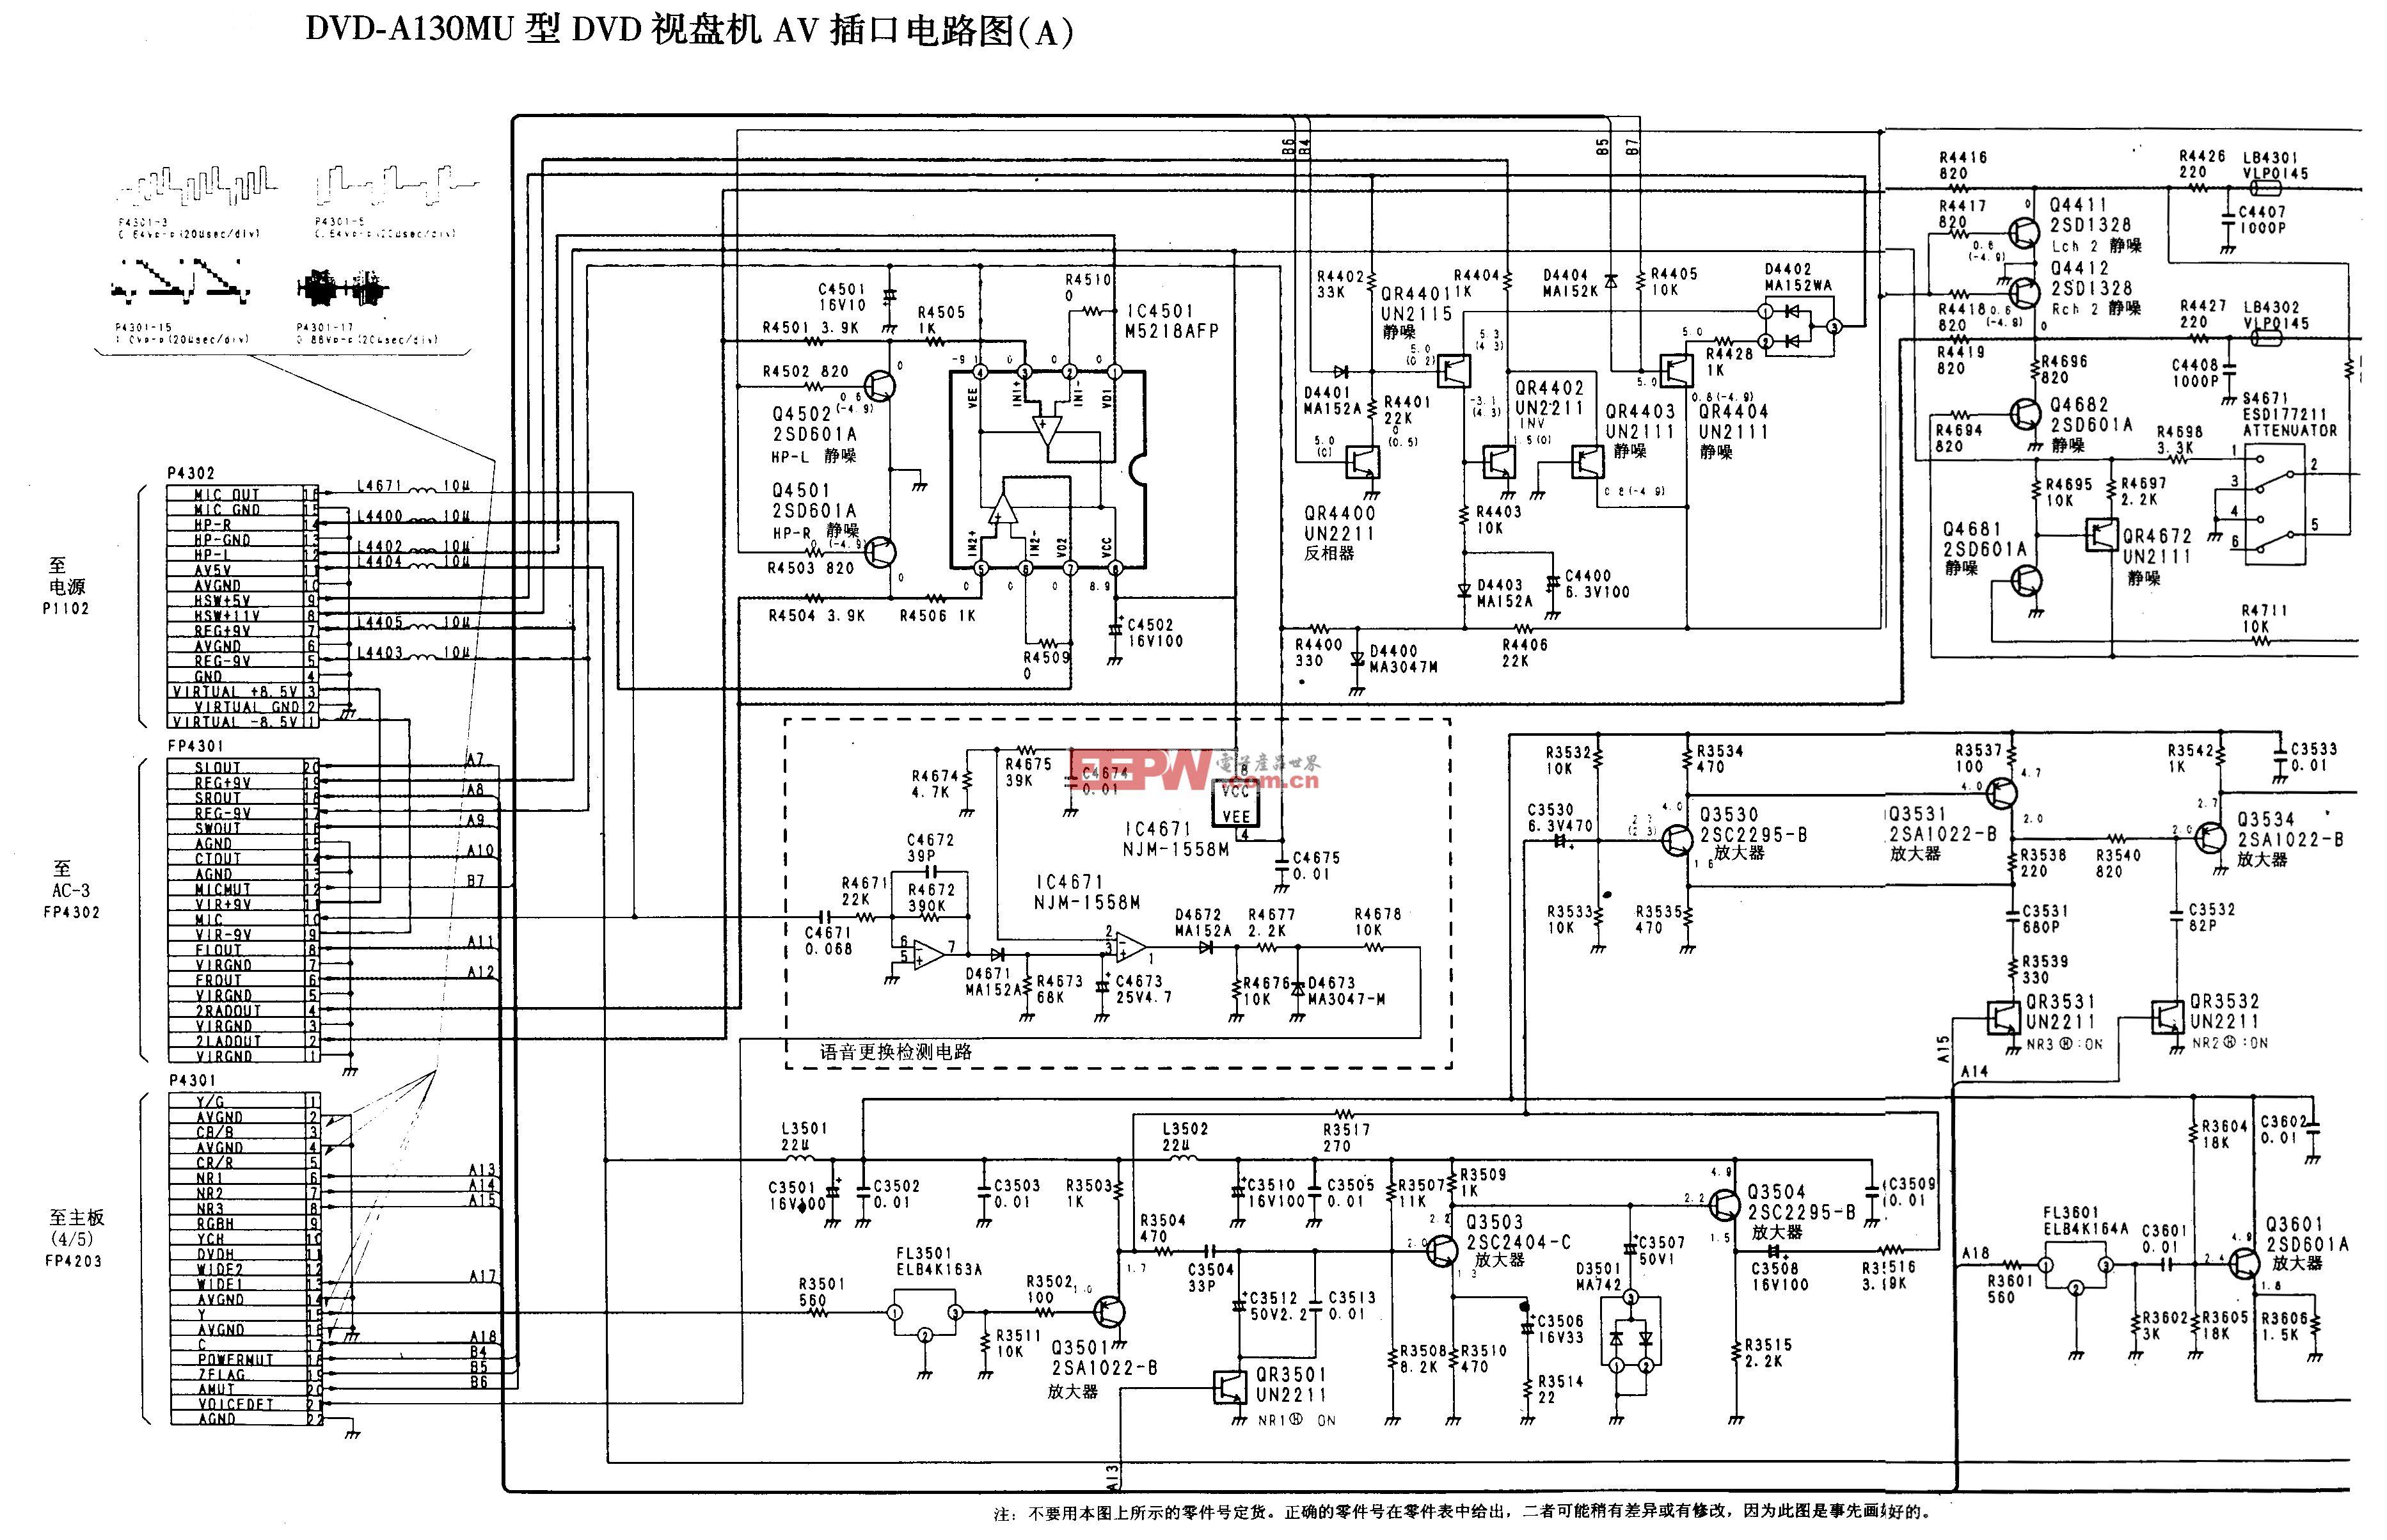 松下DVD-A330MU、DVD-A130MU型DVD-A130-AV插口电路图A